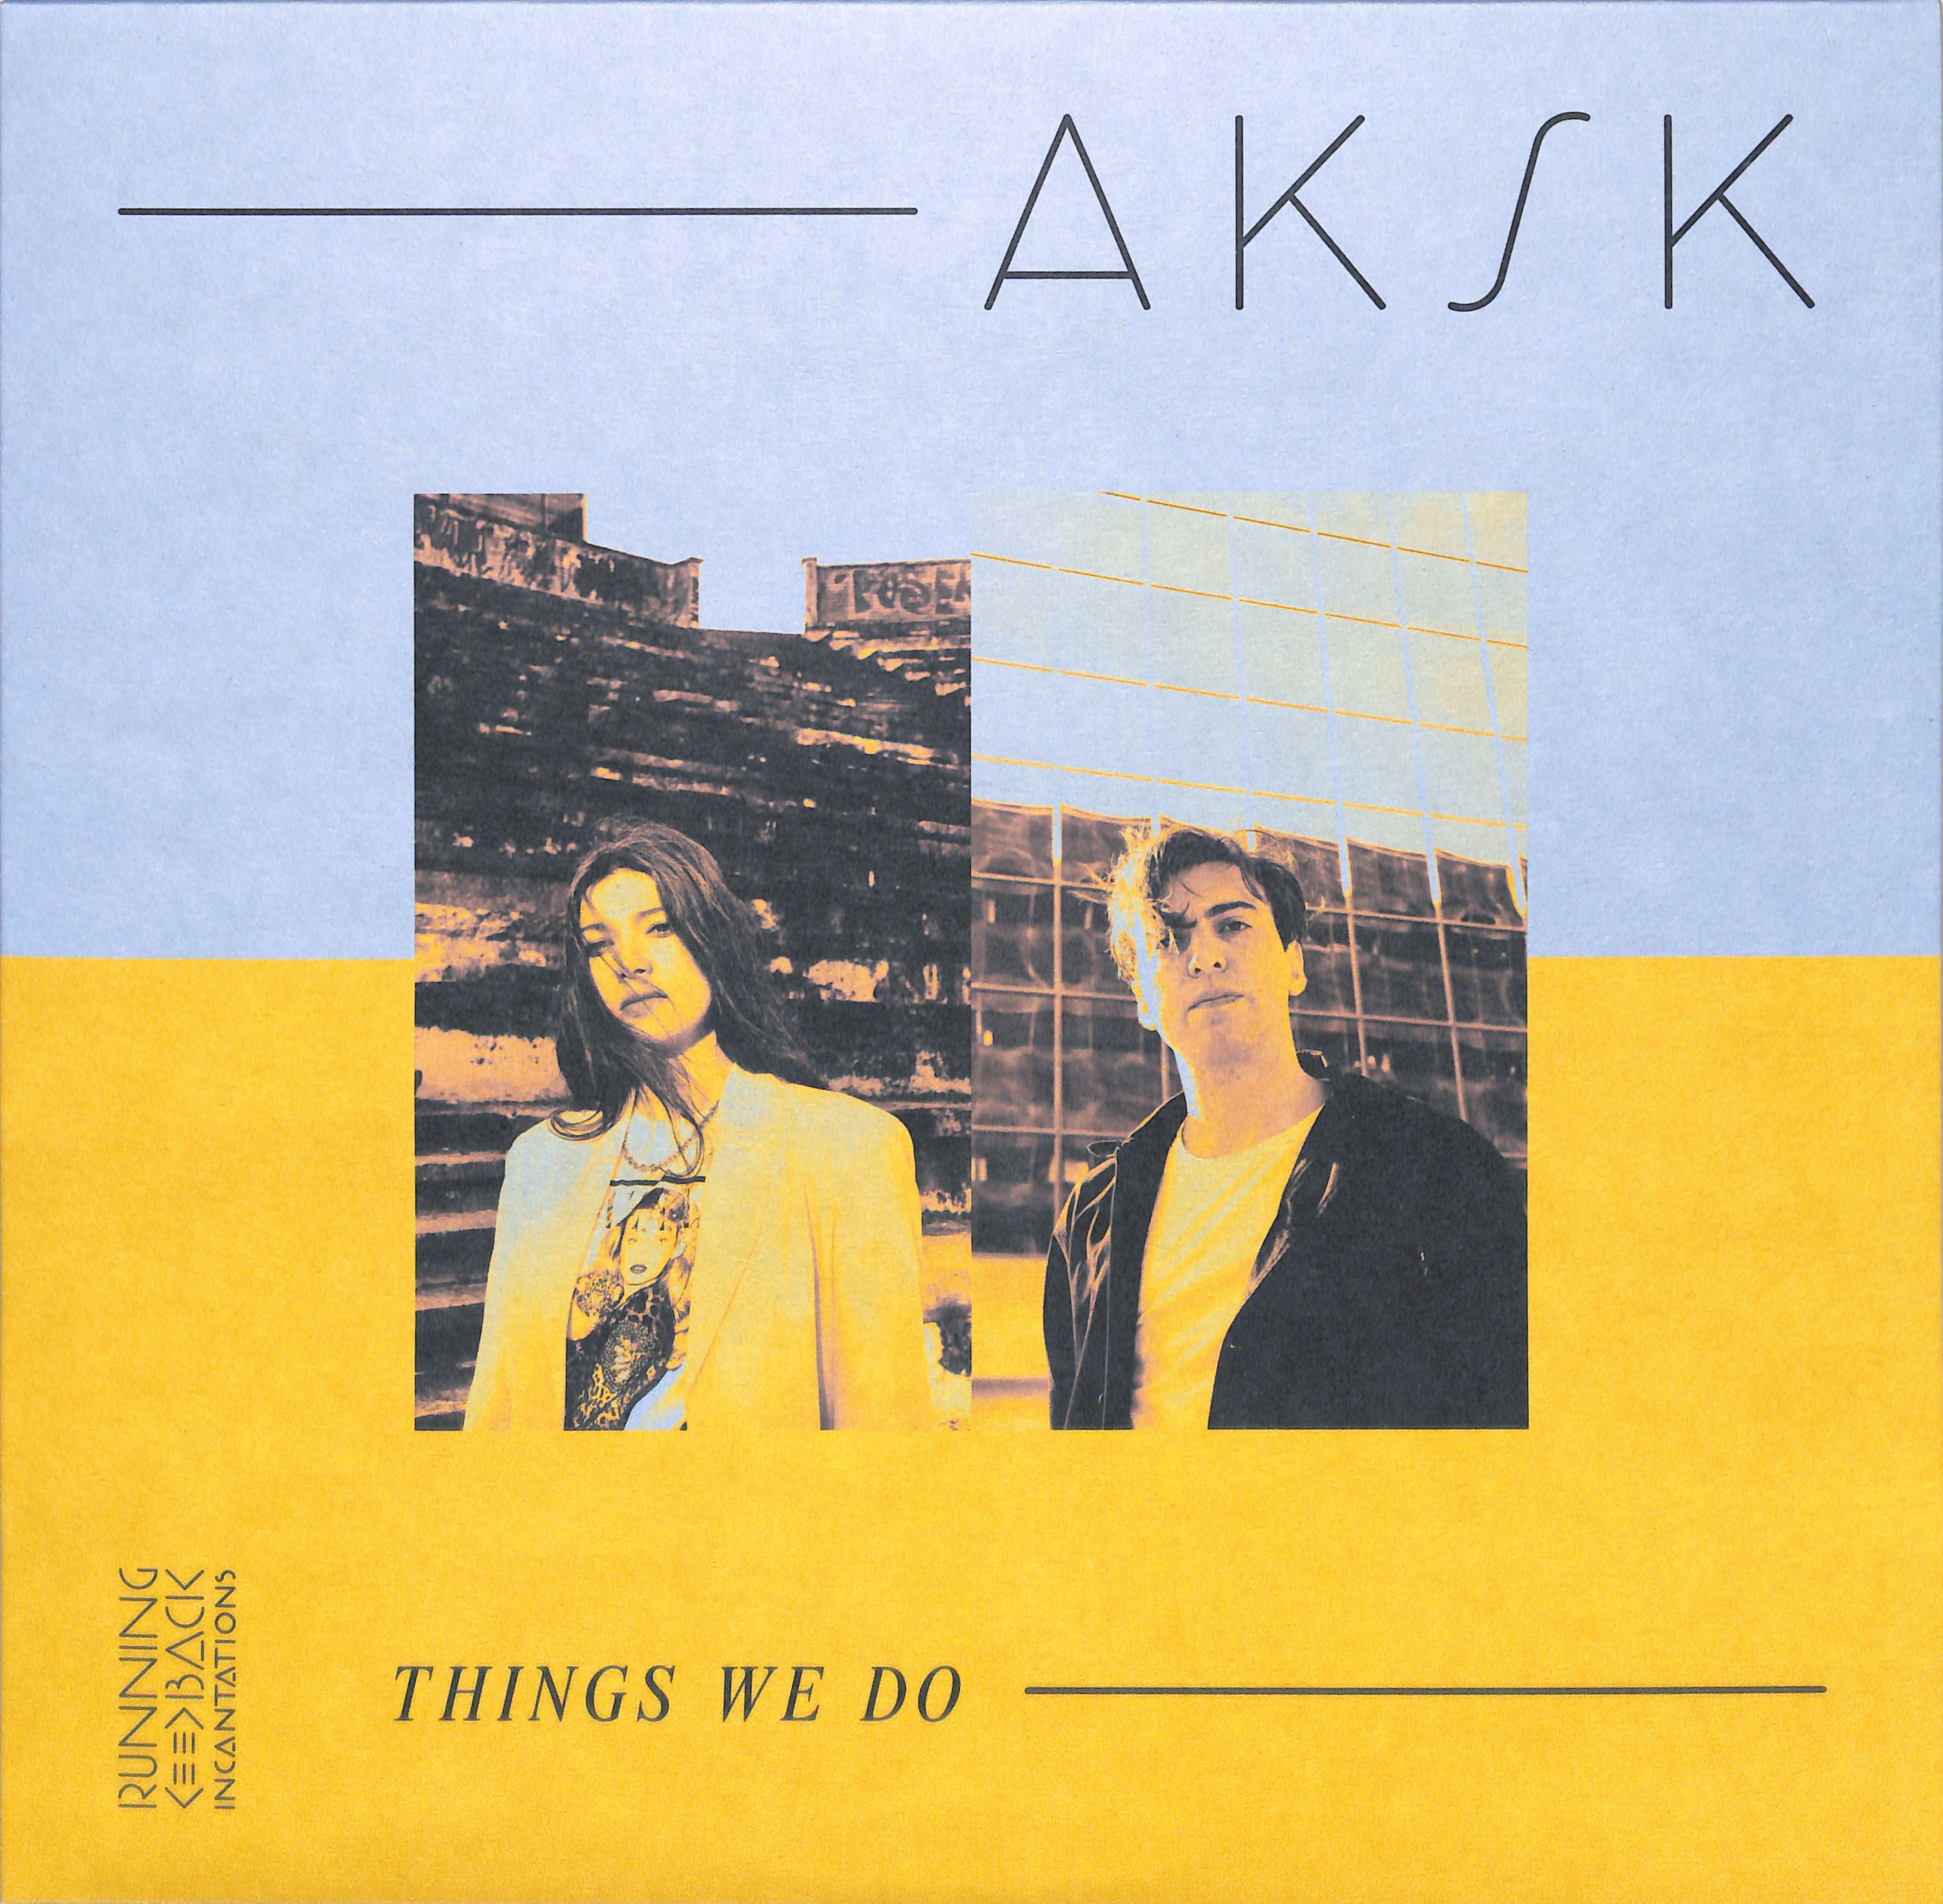 Aksk - THINGS WE DO